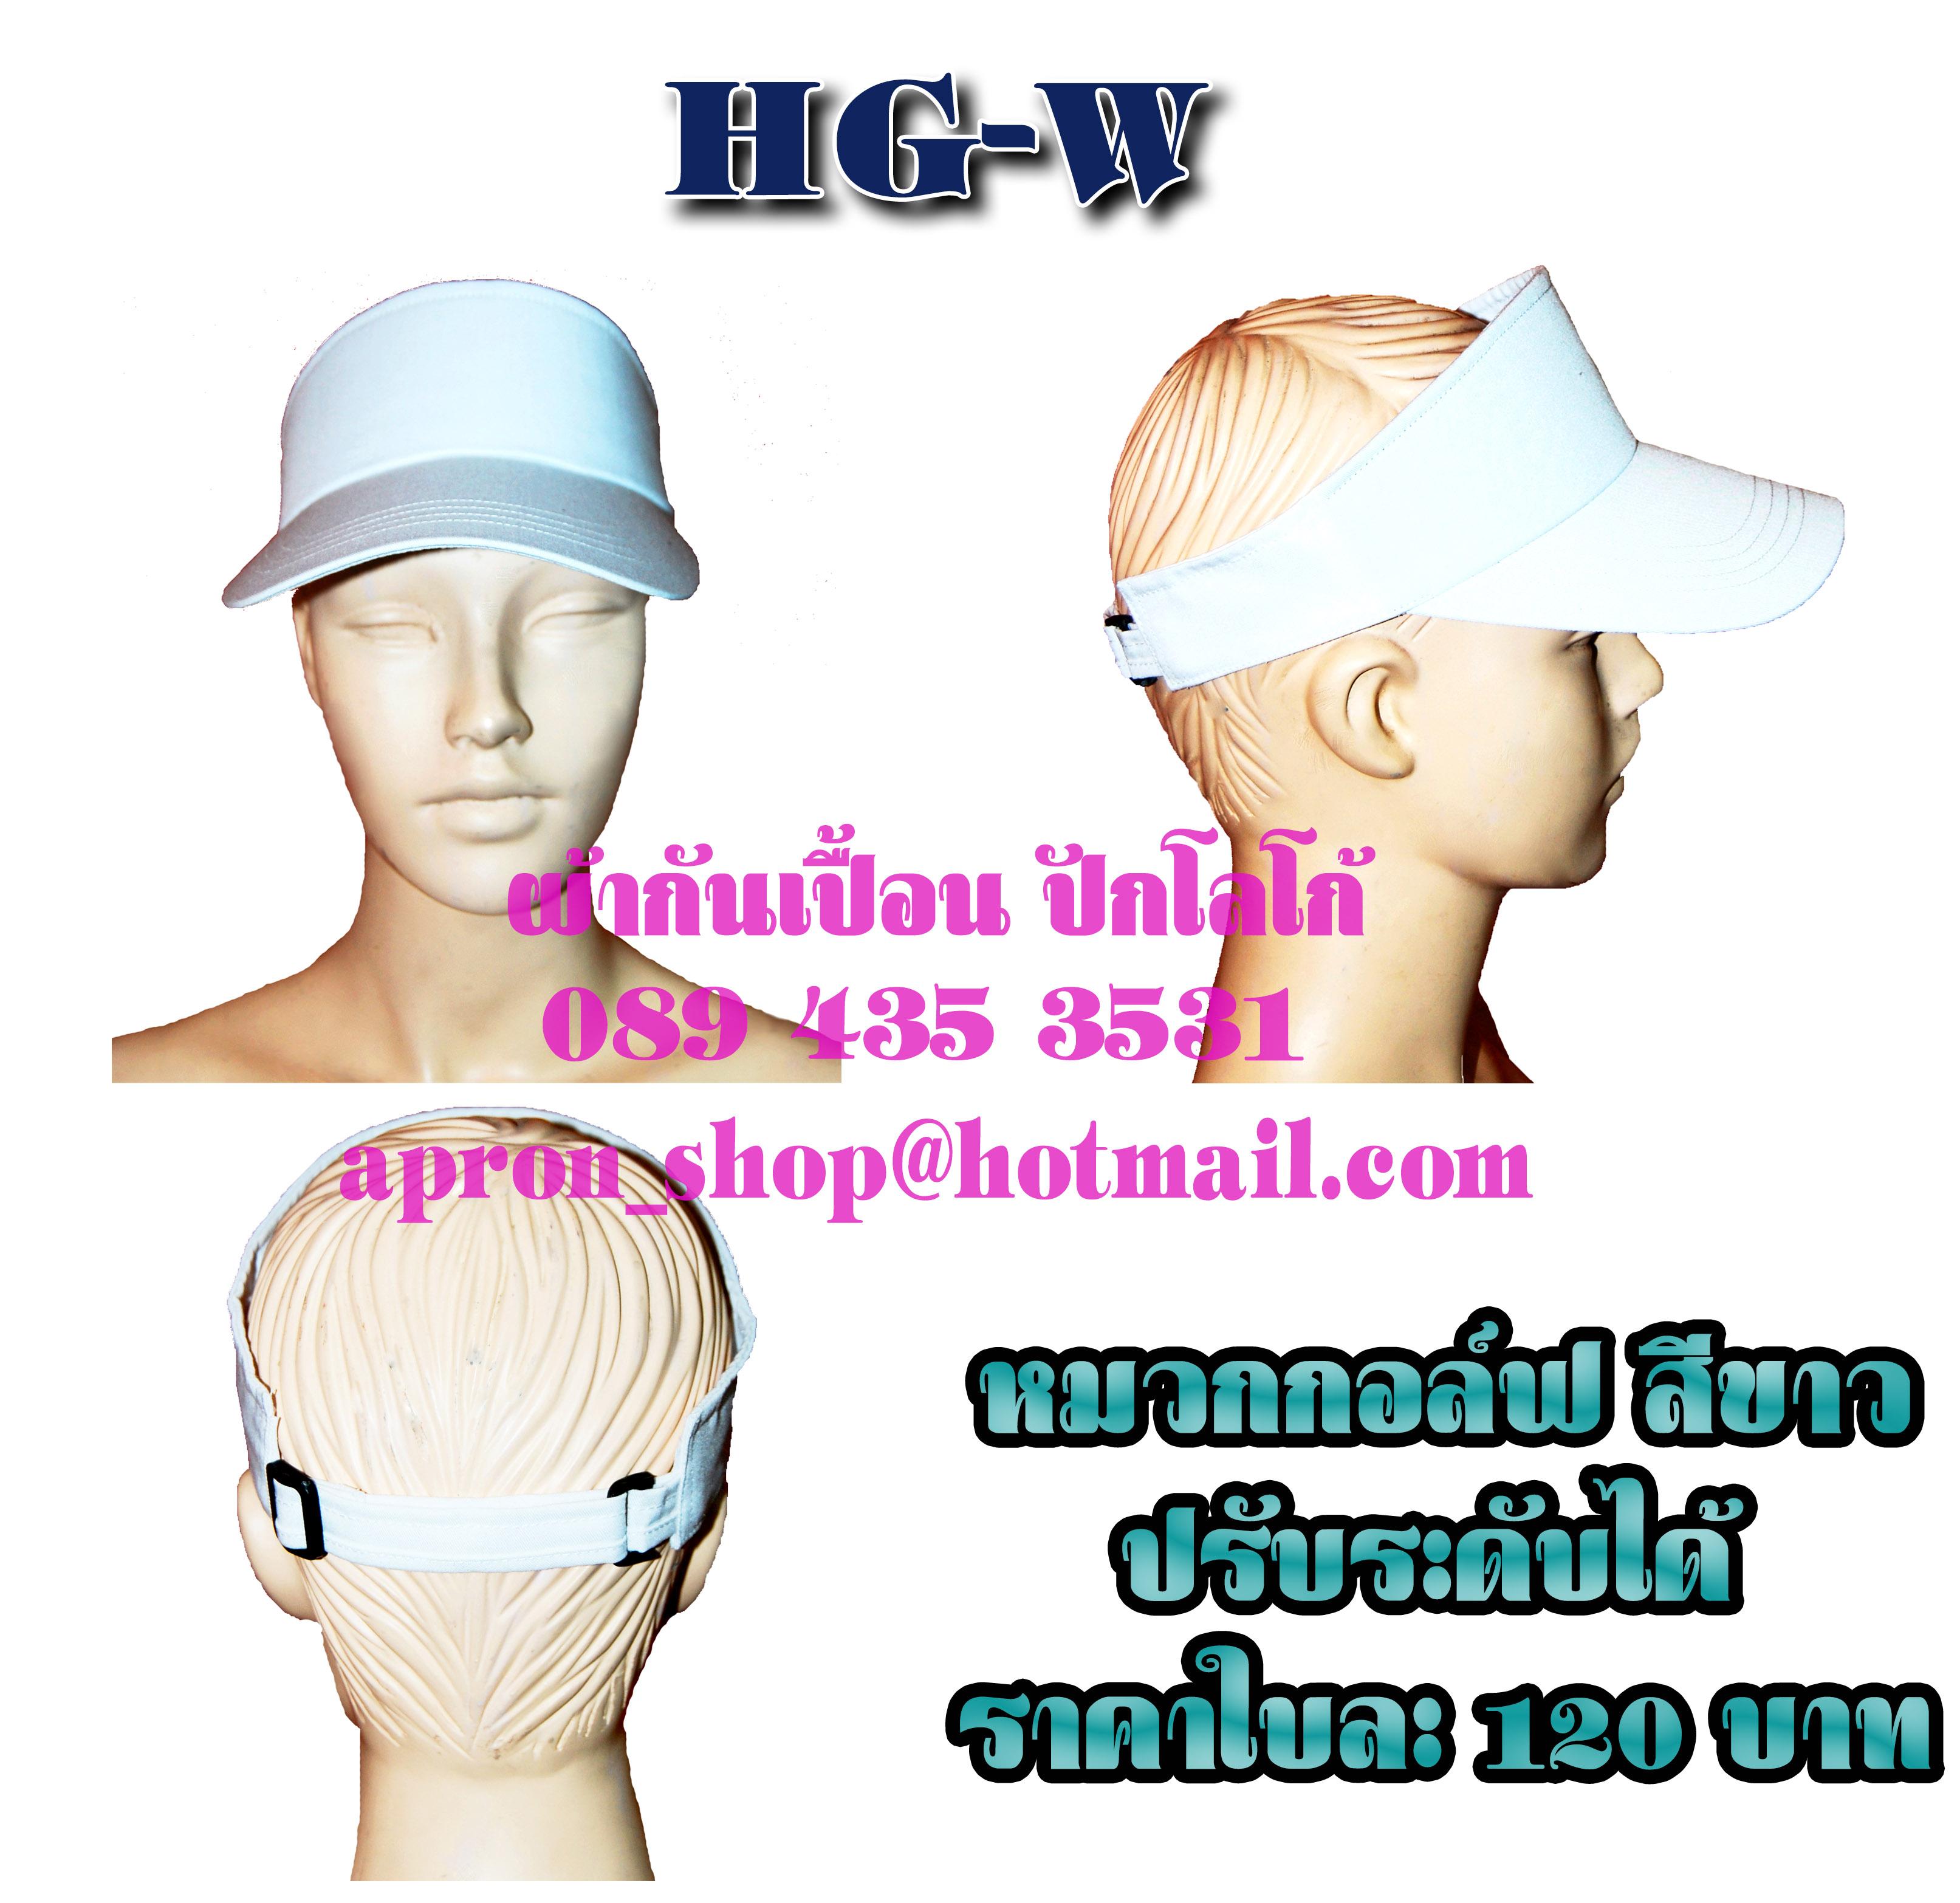 หมวกกอล์ฟสีขาว